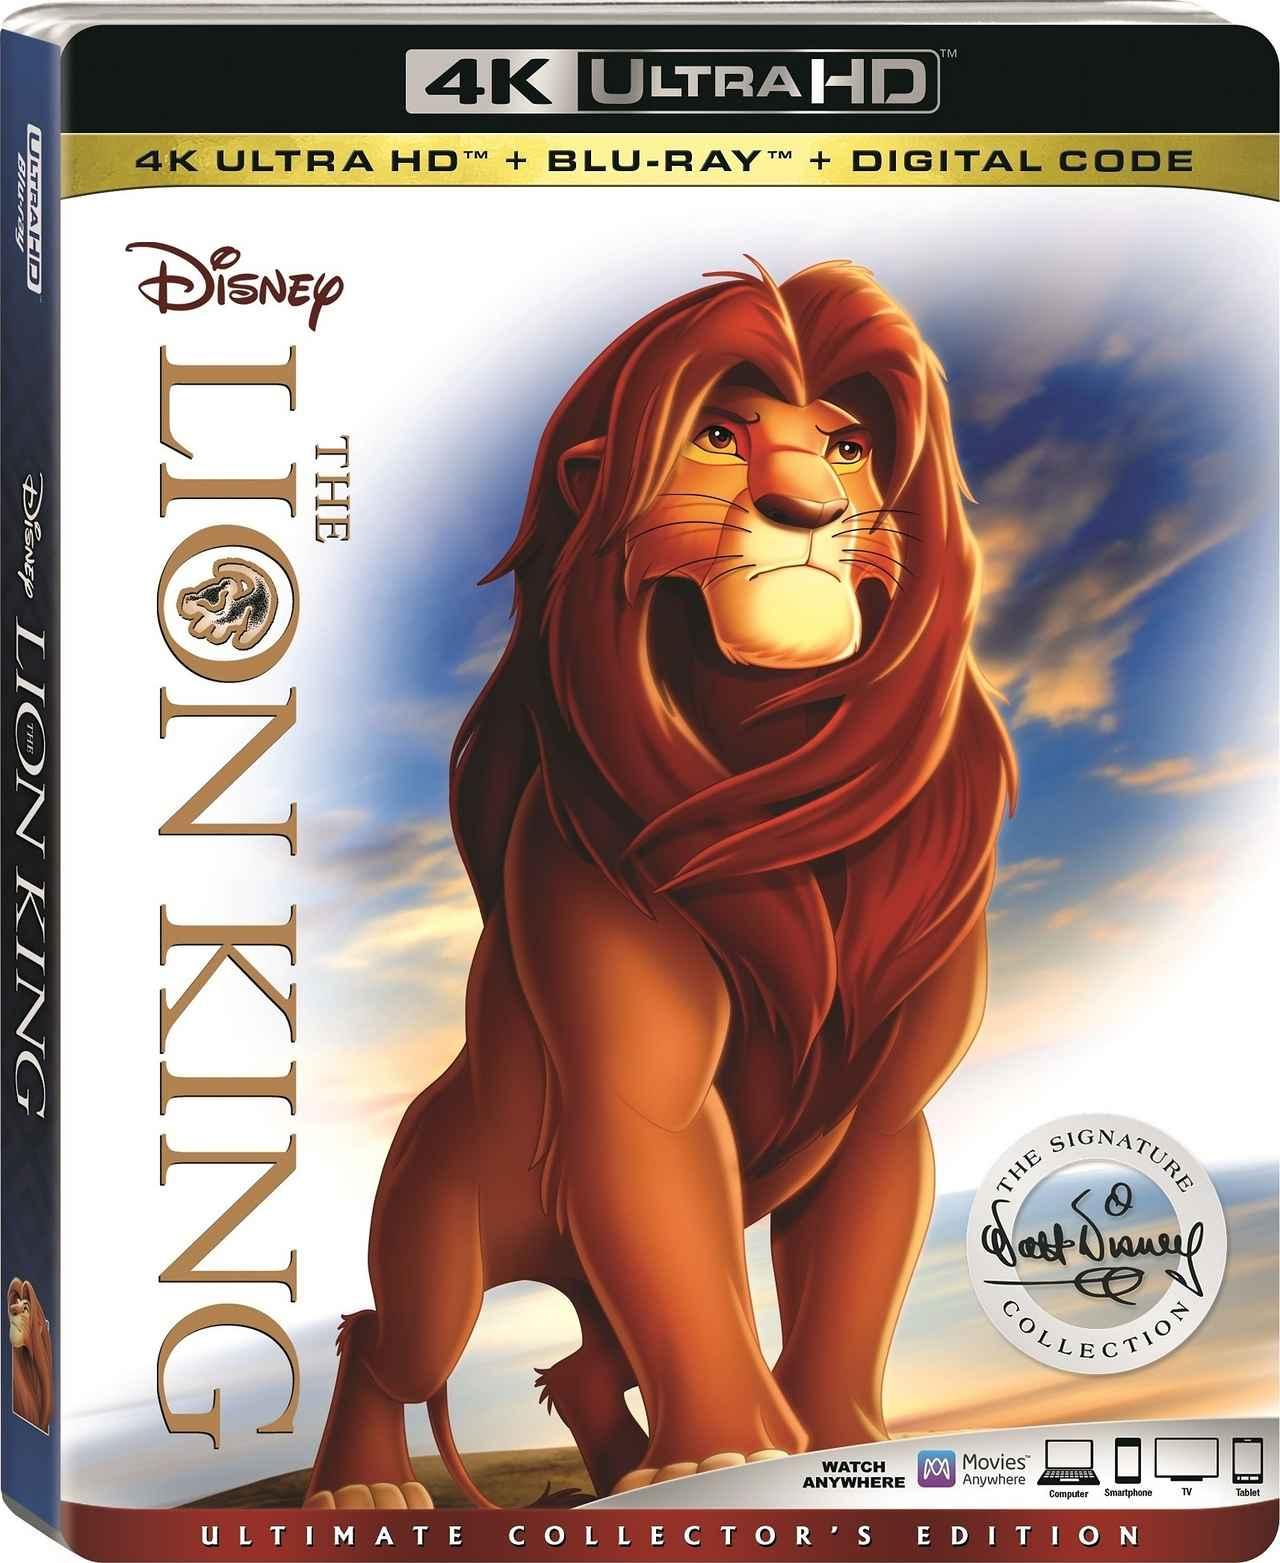 画像: 4Kで蘇るメガヒット・ディズニー・アニメの傑作『ライオン・キング』【海外盤Blu-ray発売情報】